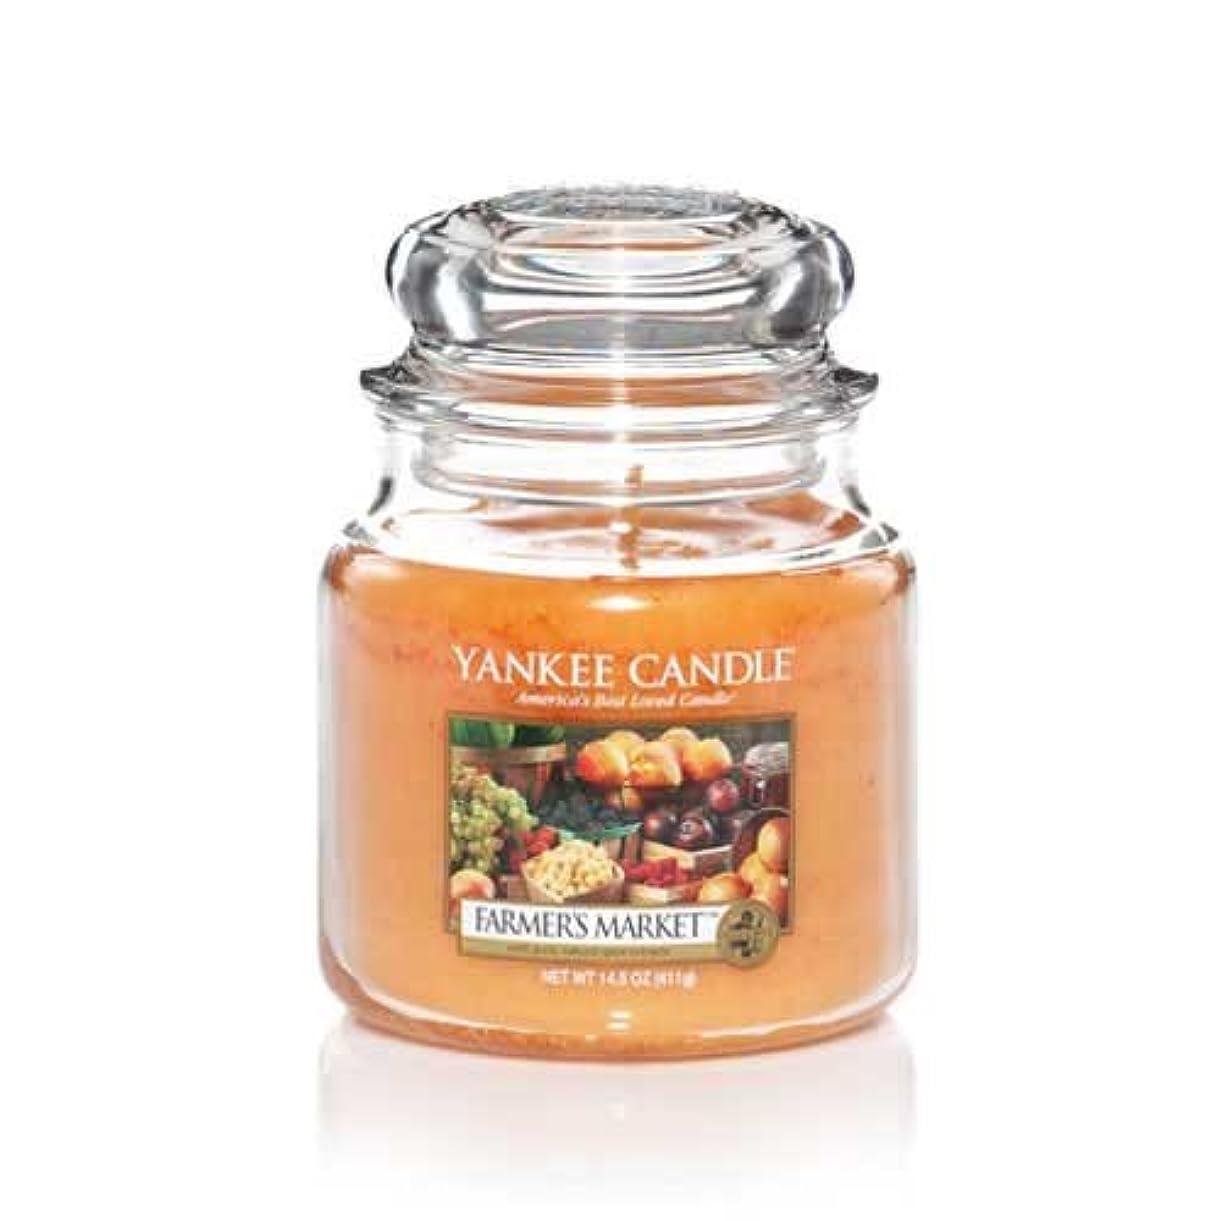 オズワルド建築僕のYankee Candle Farmer 's Market Medium Jar Candle, Food & Spice香り